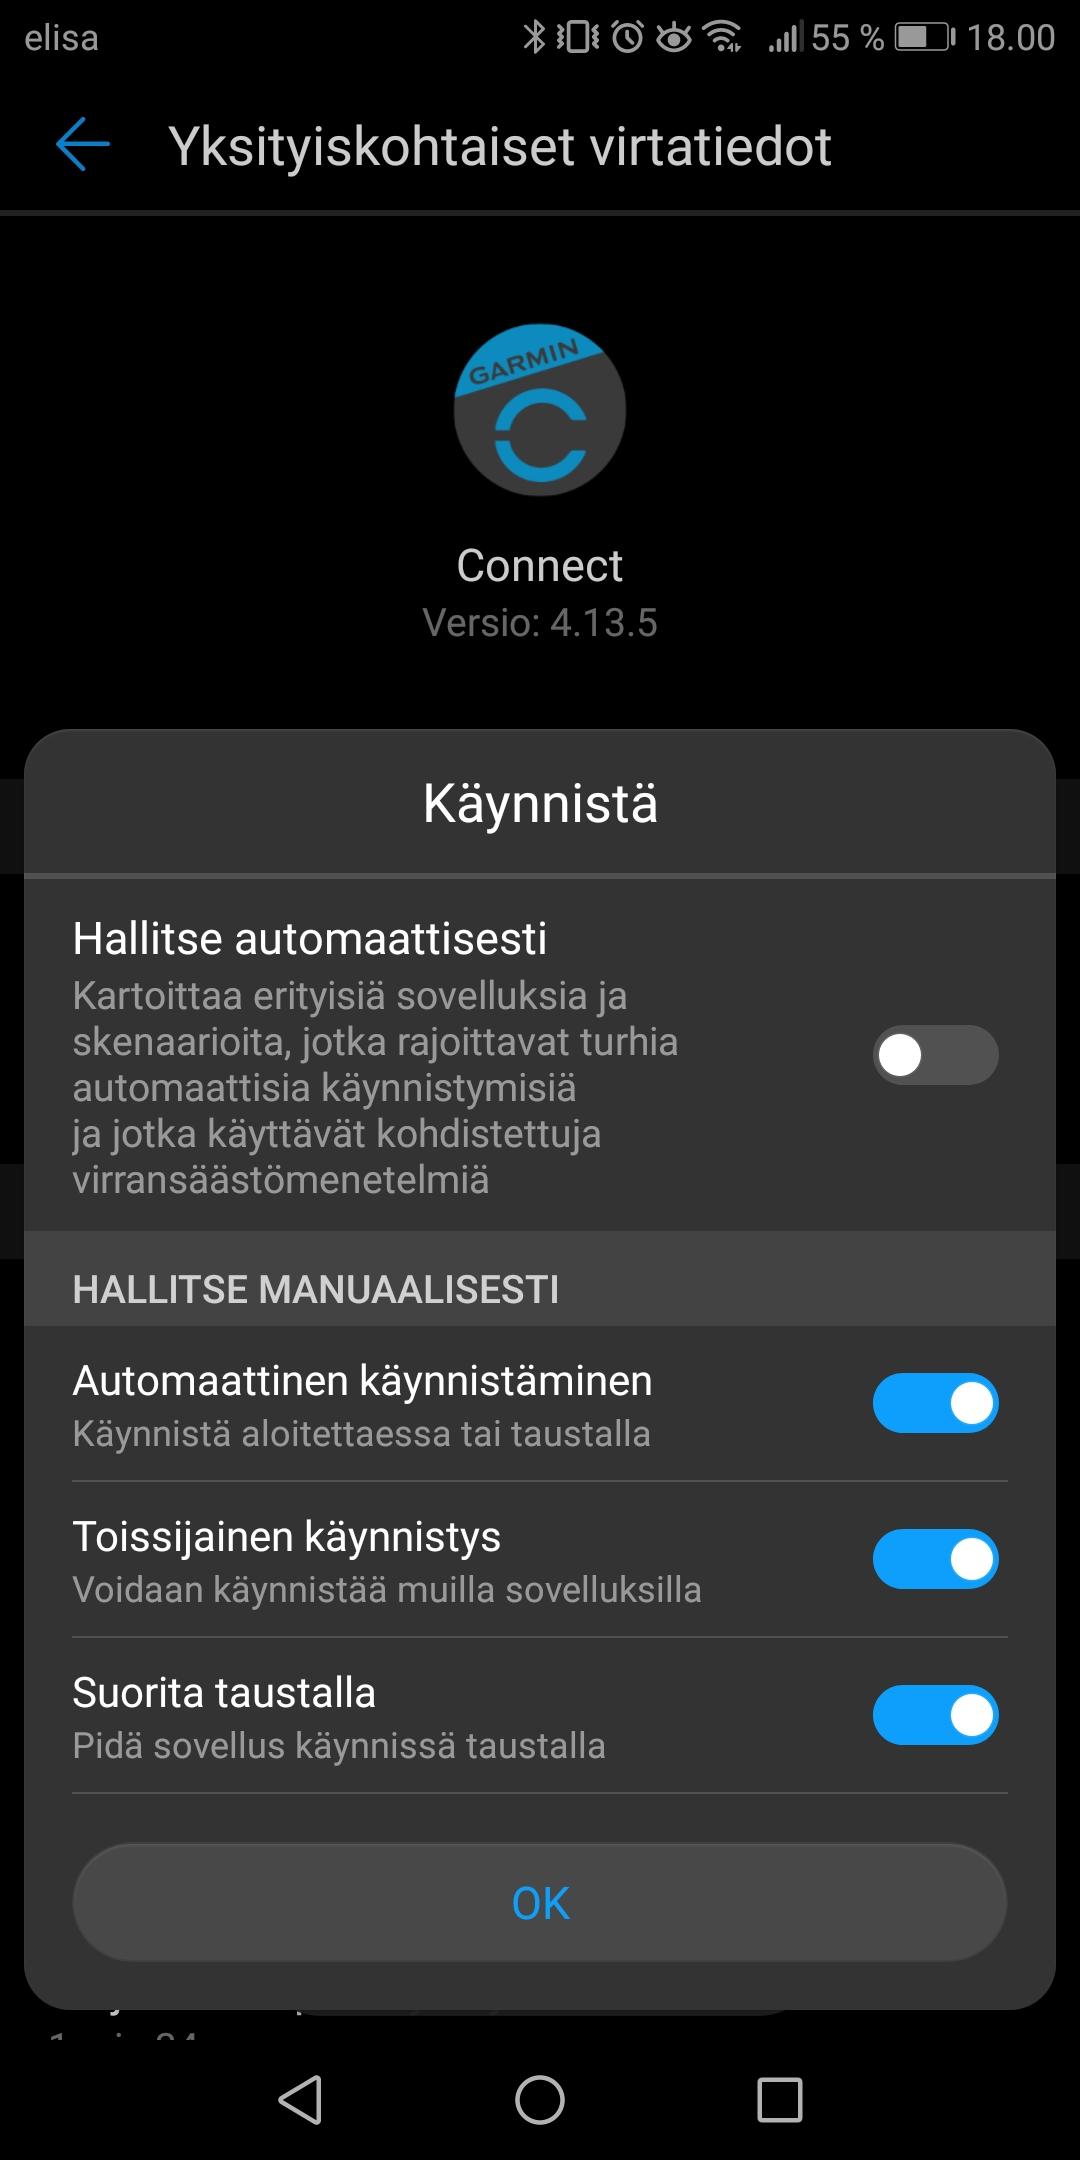 Screenshot_20181219-180038.jpg